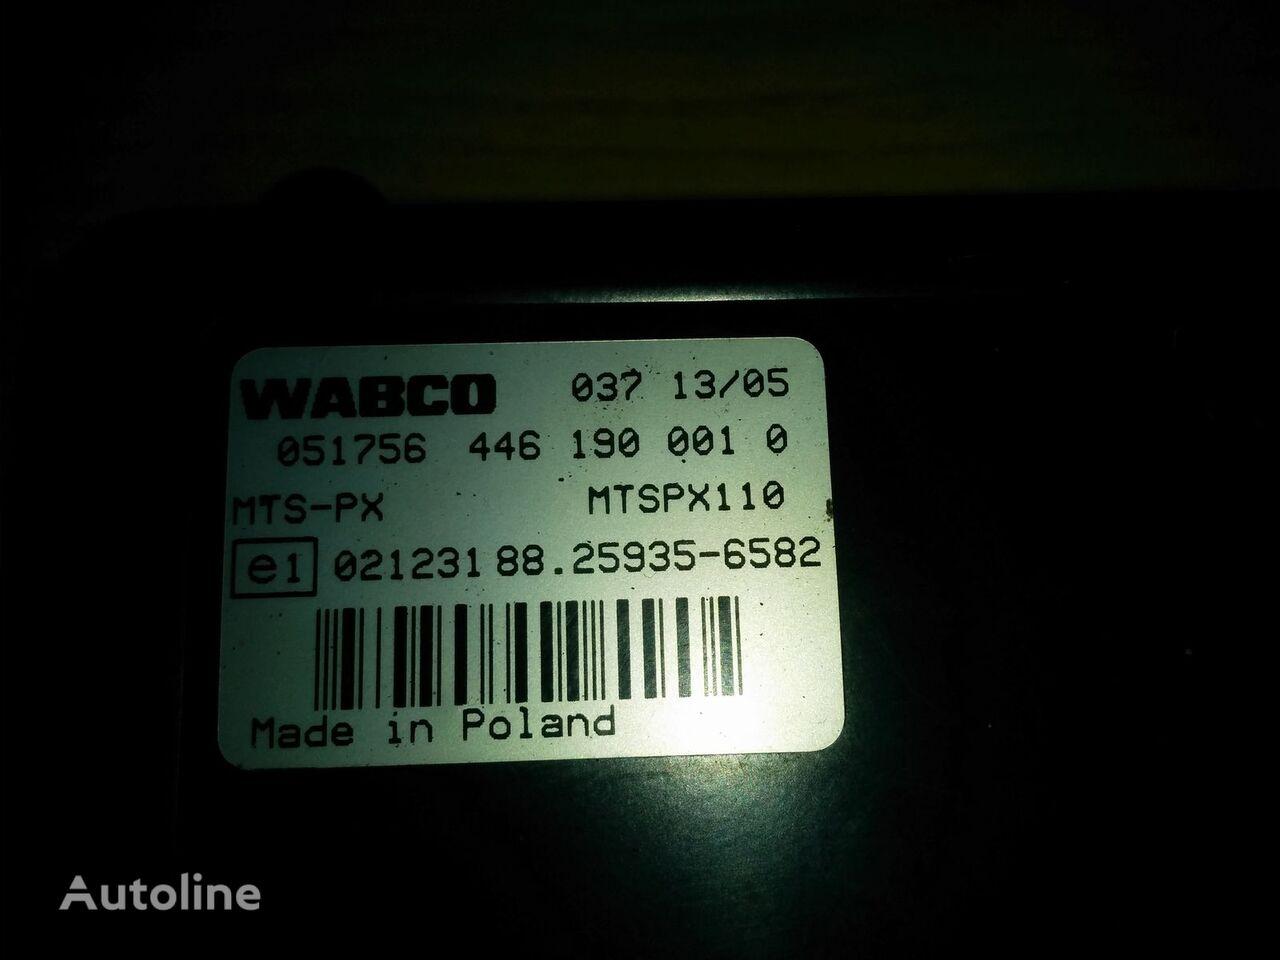 λεωφορείο MAN Leon Citi για ανταλλακτικό Wabco 037 13/05 / 4461900010 MAN